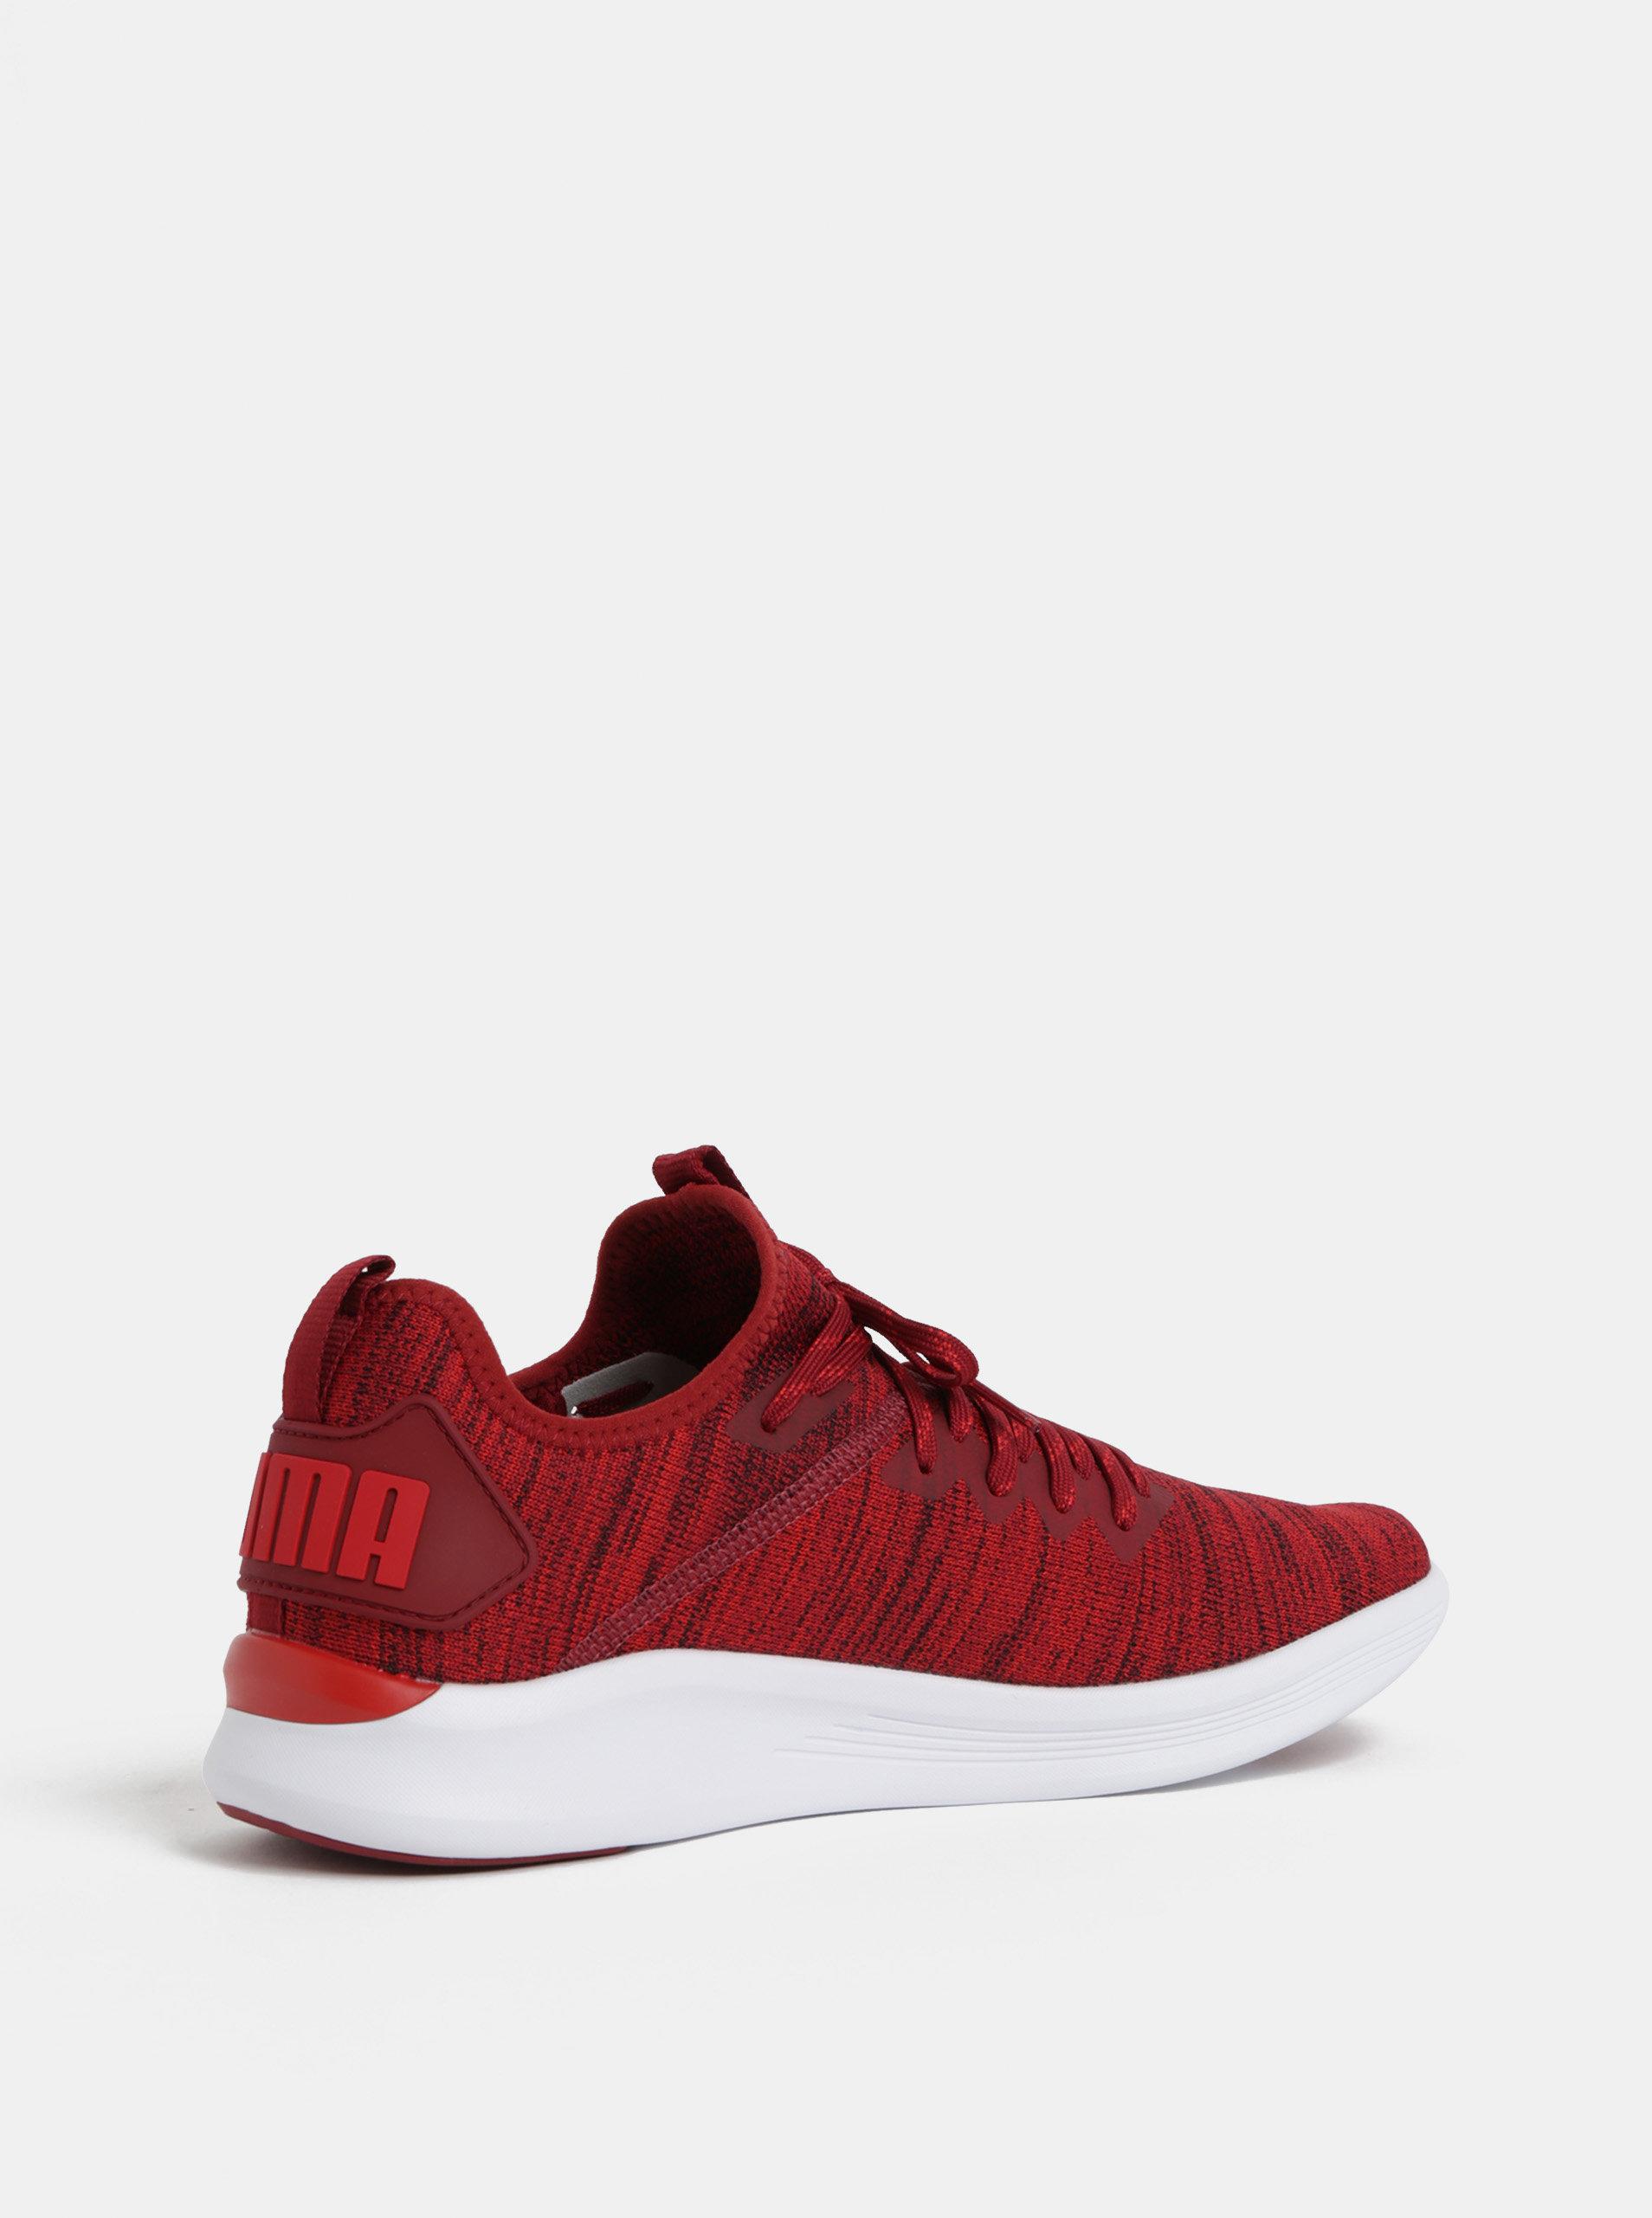 Červené melírované pánske tenisky Puma Ignite Flash evoKnit ... c6b9671833d